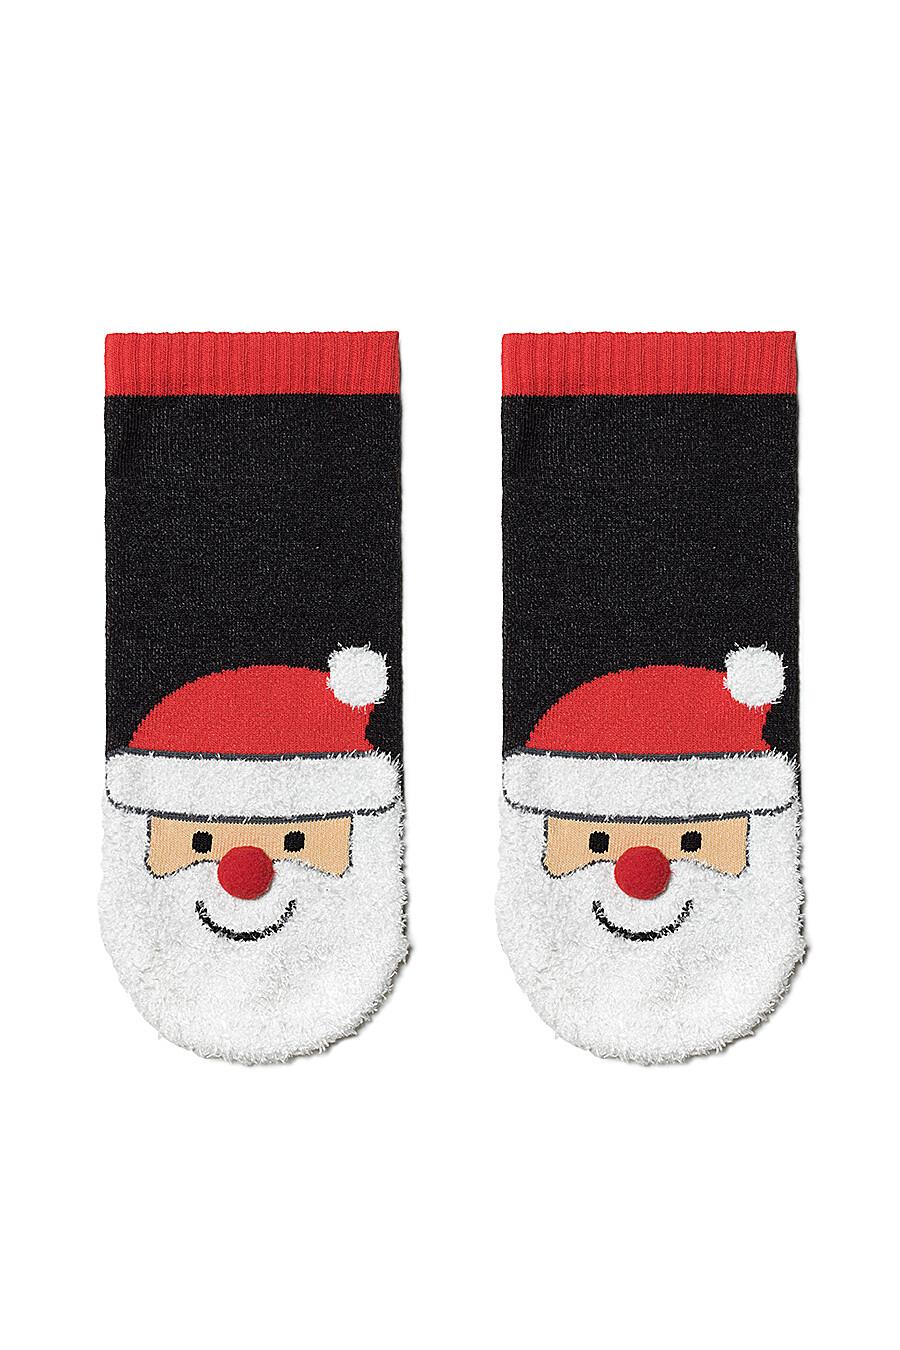 Носки для мужчин DIWARI 158441 купить оптом от производителя. Совместная покупка мужской одежды в OptMoyo